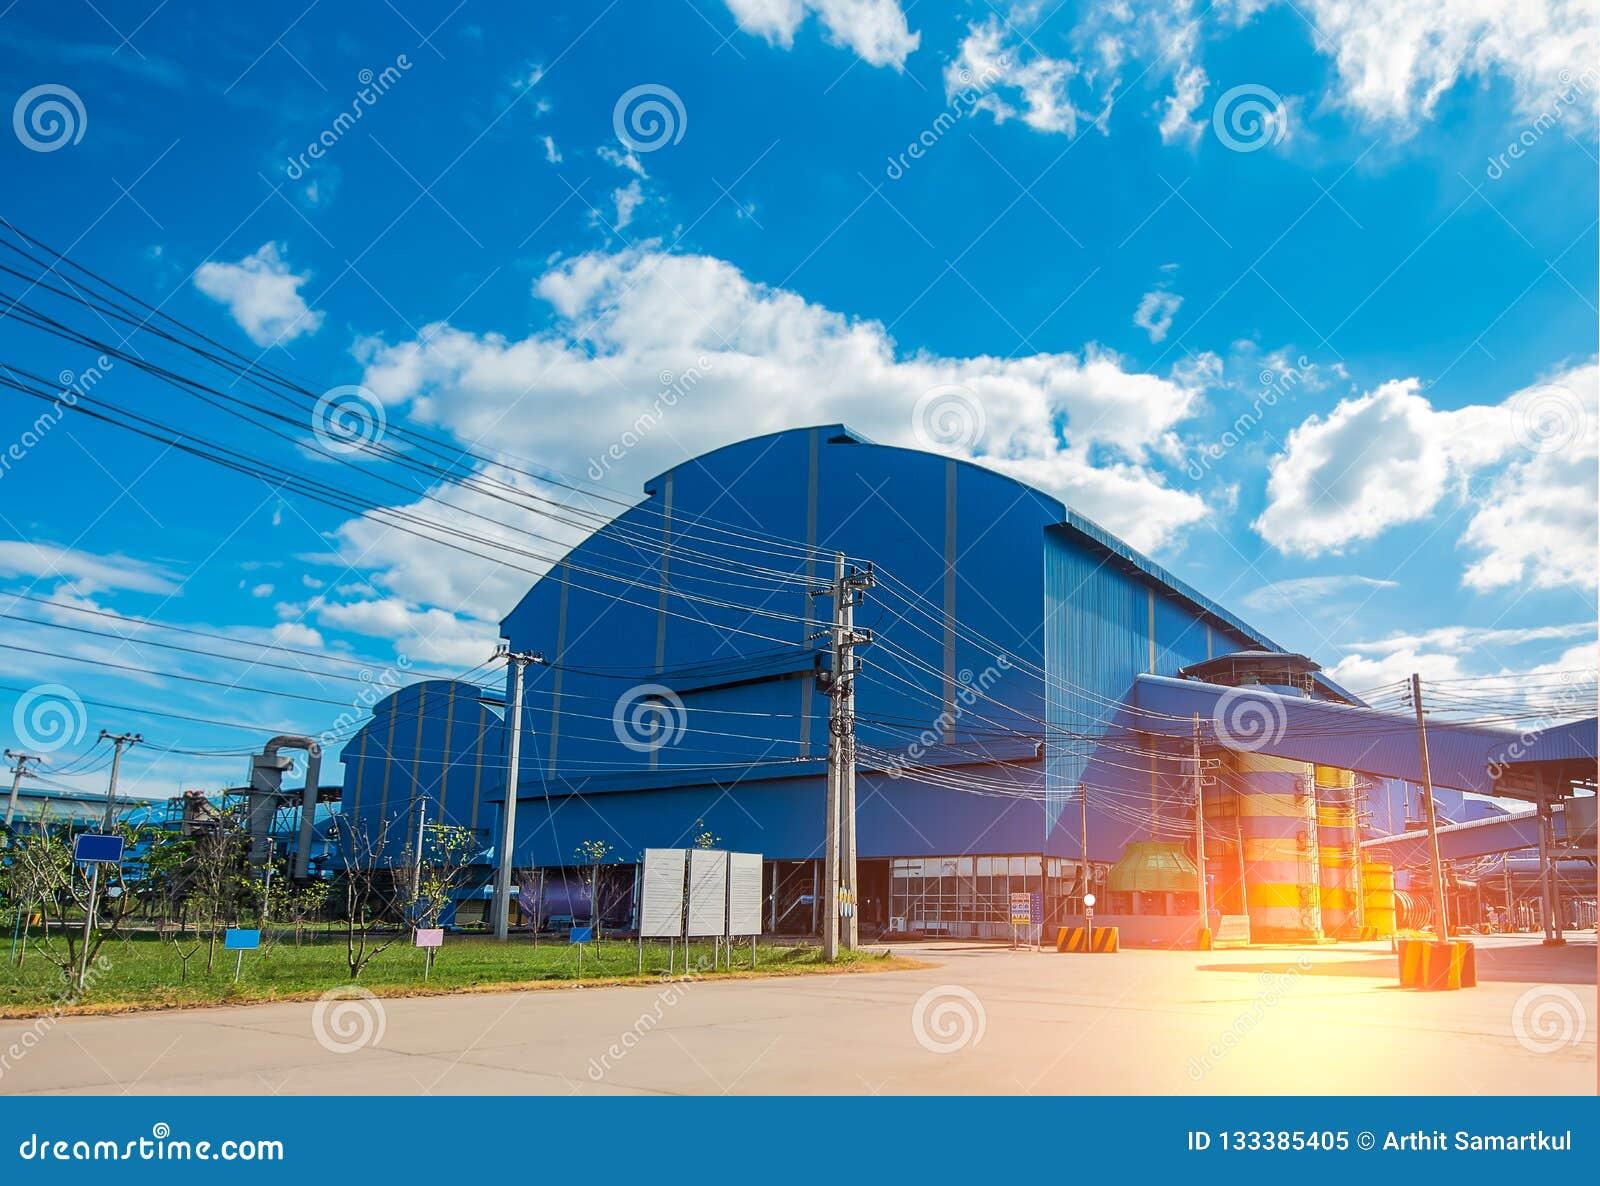 Fabriklagergebäude im Industriegebiet mit unordentlichen elektrischen Drahtseilen